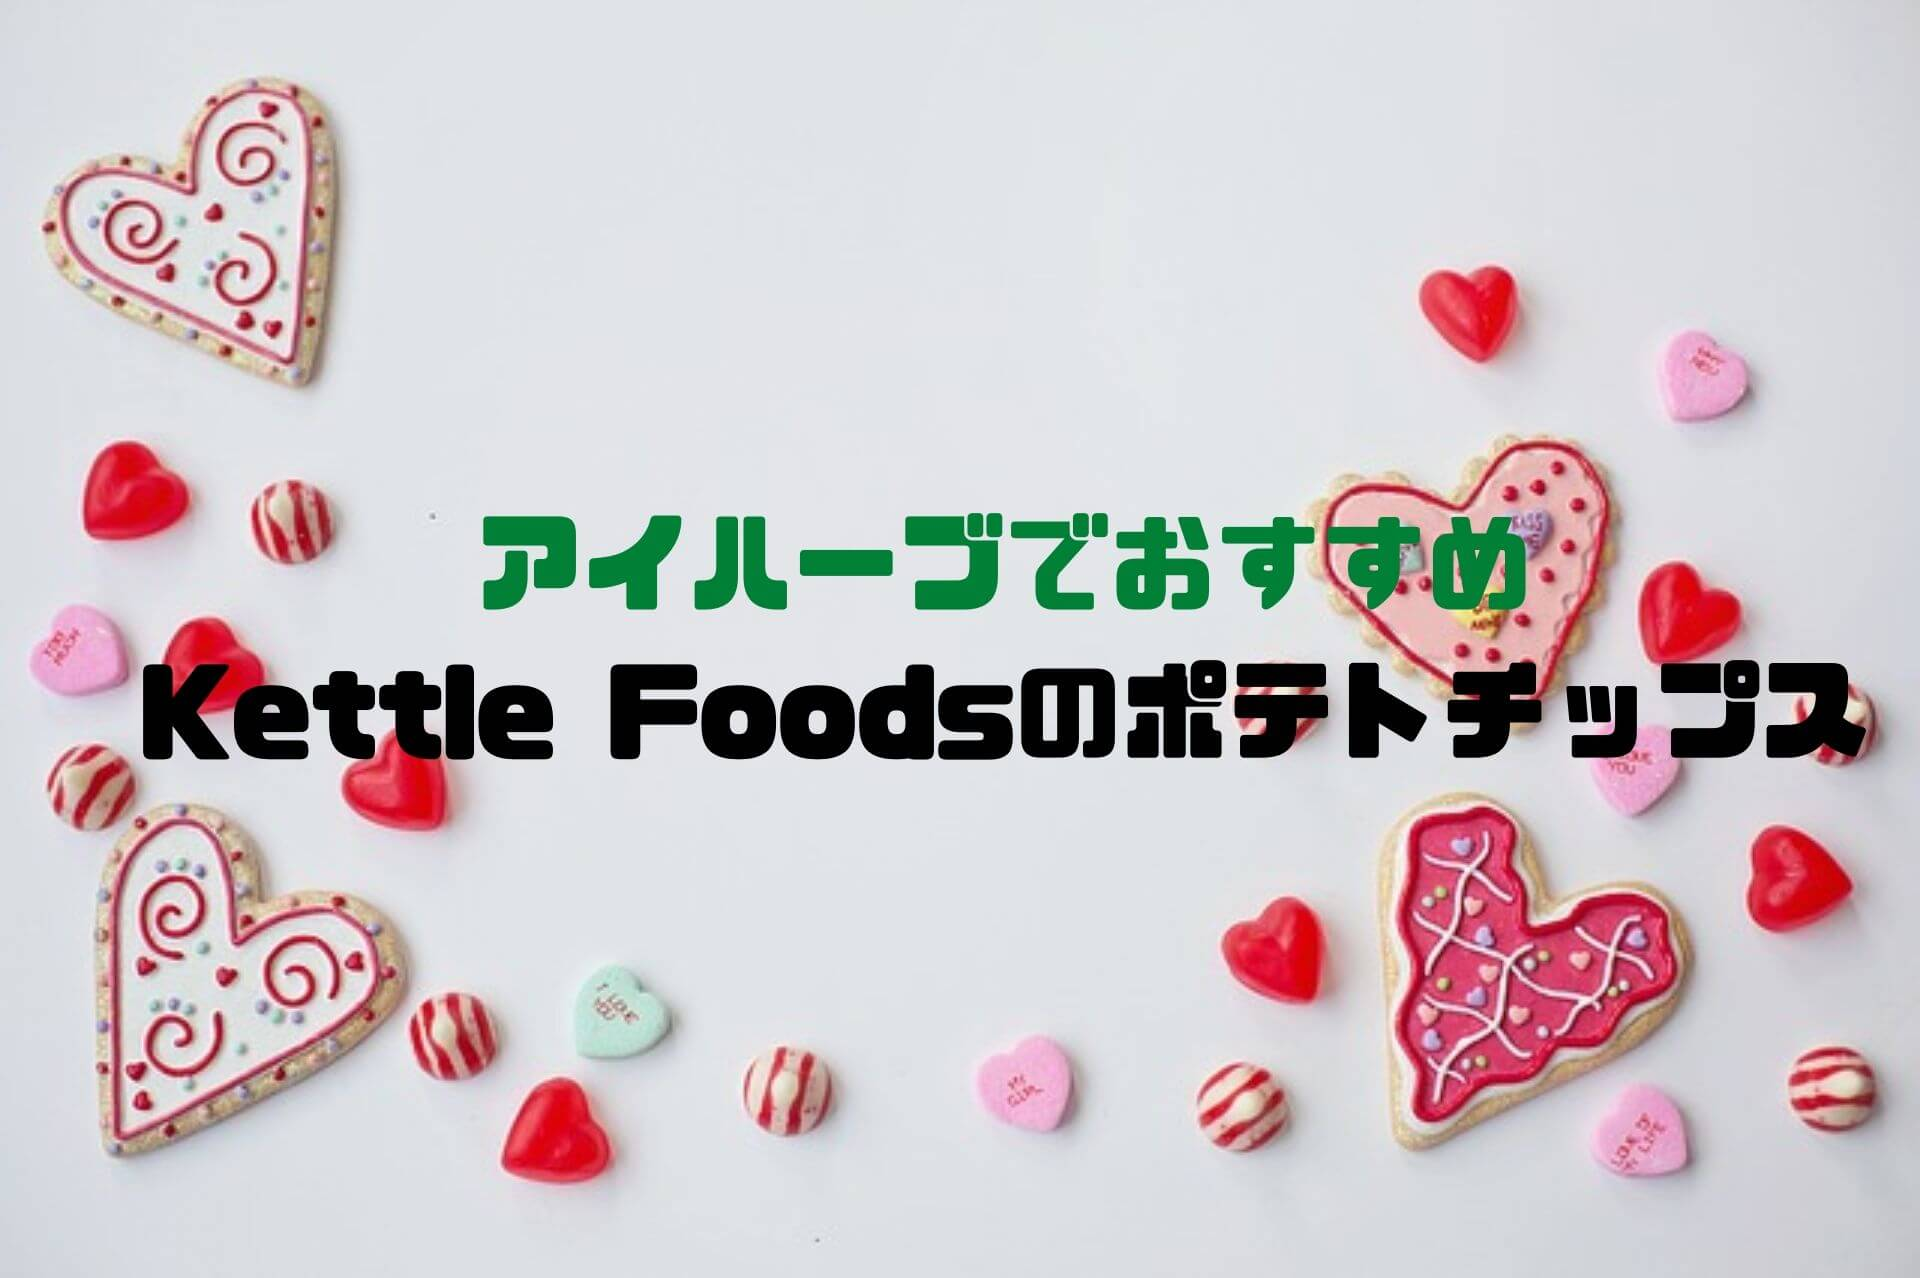 【ケトルチップス9種食べ比べ】アイハーブでおすすめのポテトチップス